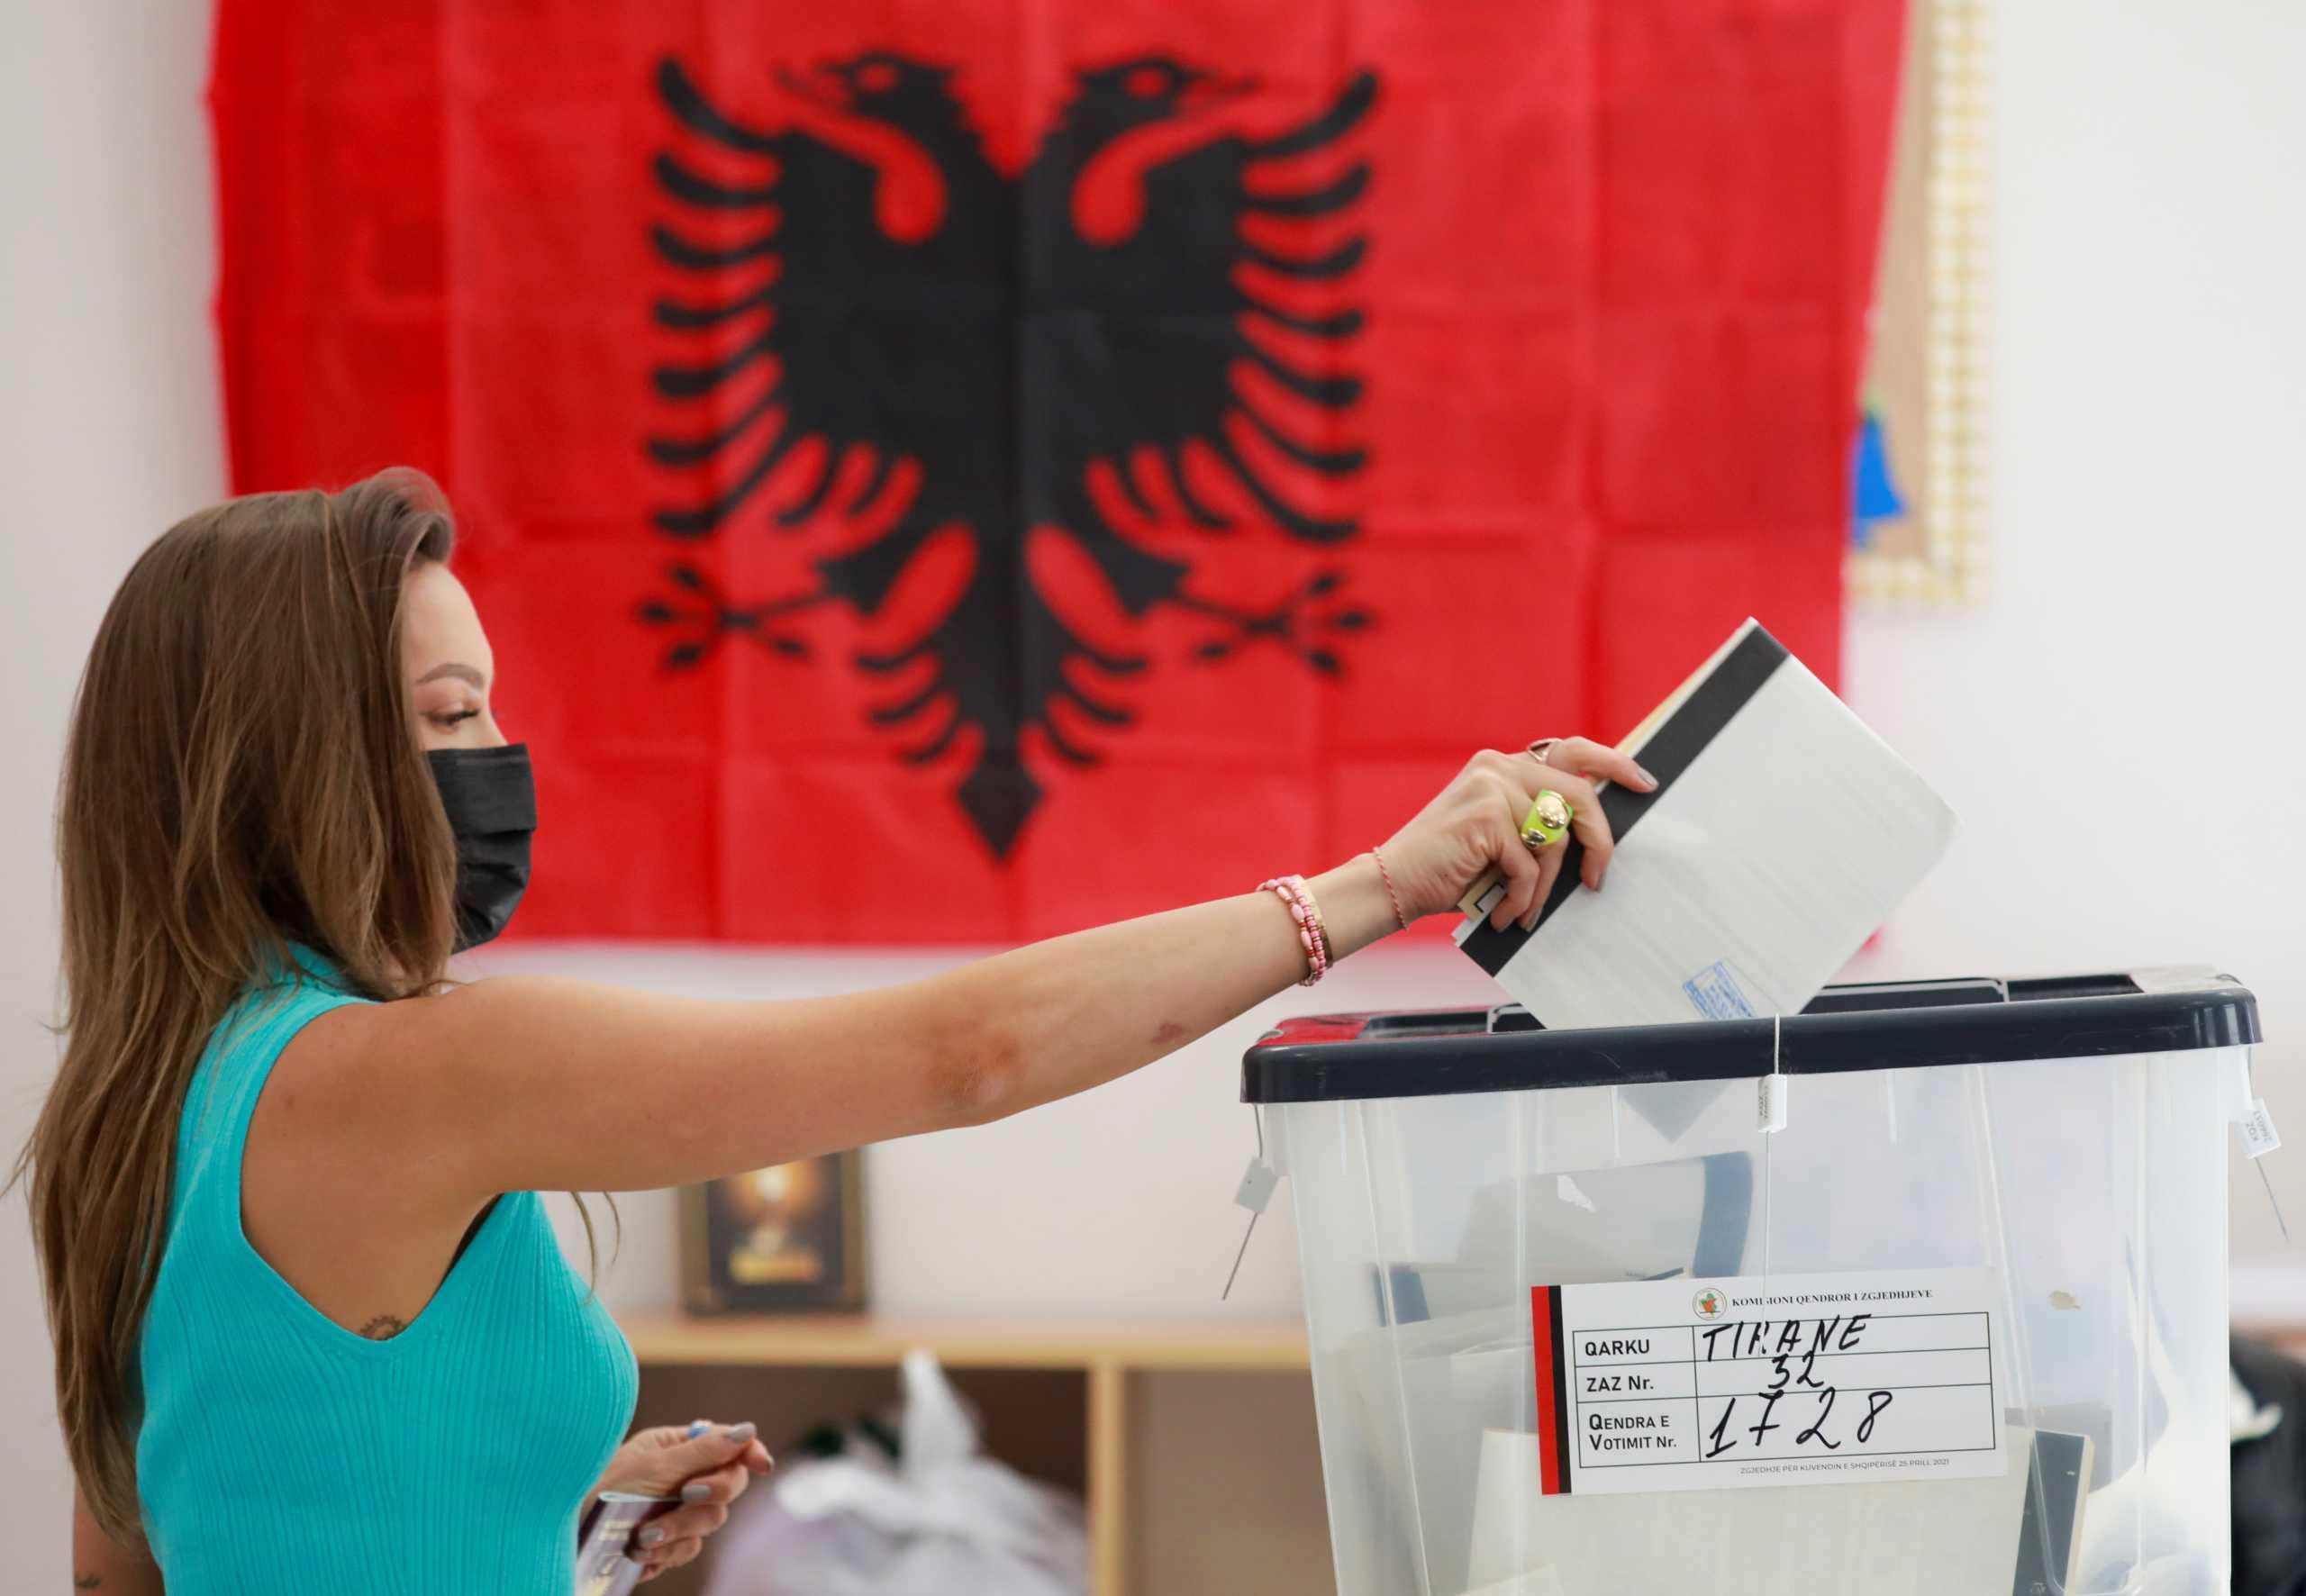 Εκλογές στην Αλβανία: Έκλεισαν οι κάλπες – Πότε αναμένονται τα αποτελέσματα